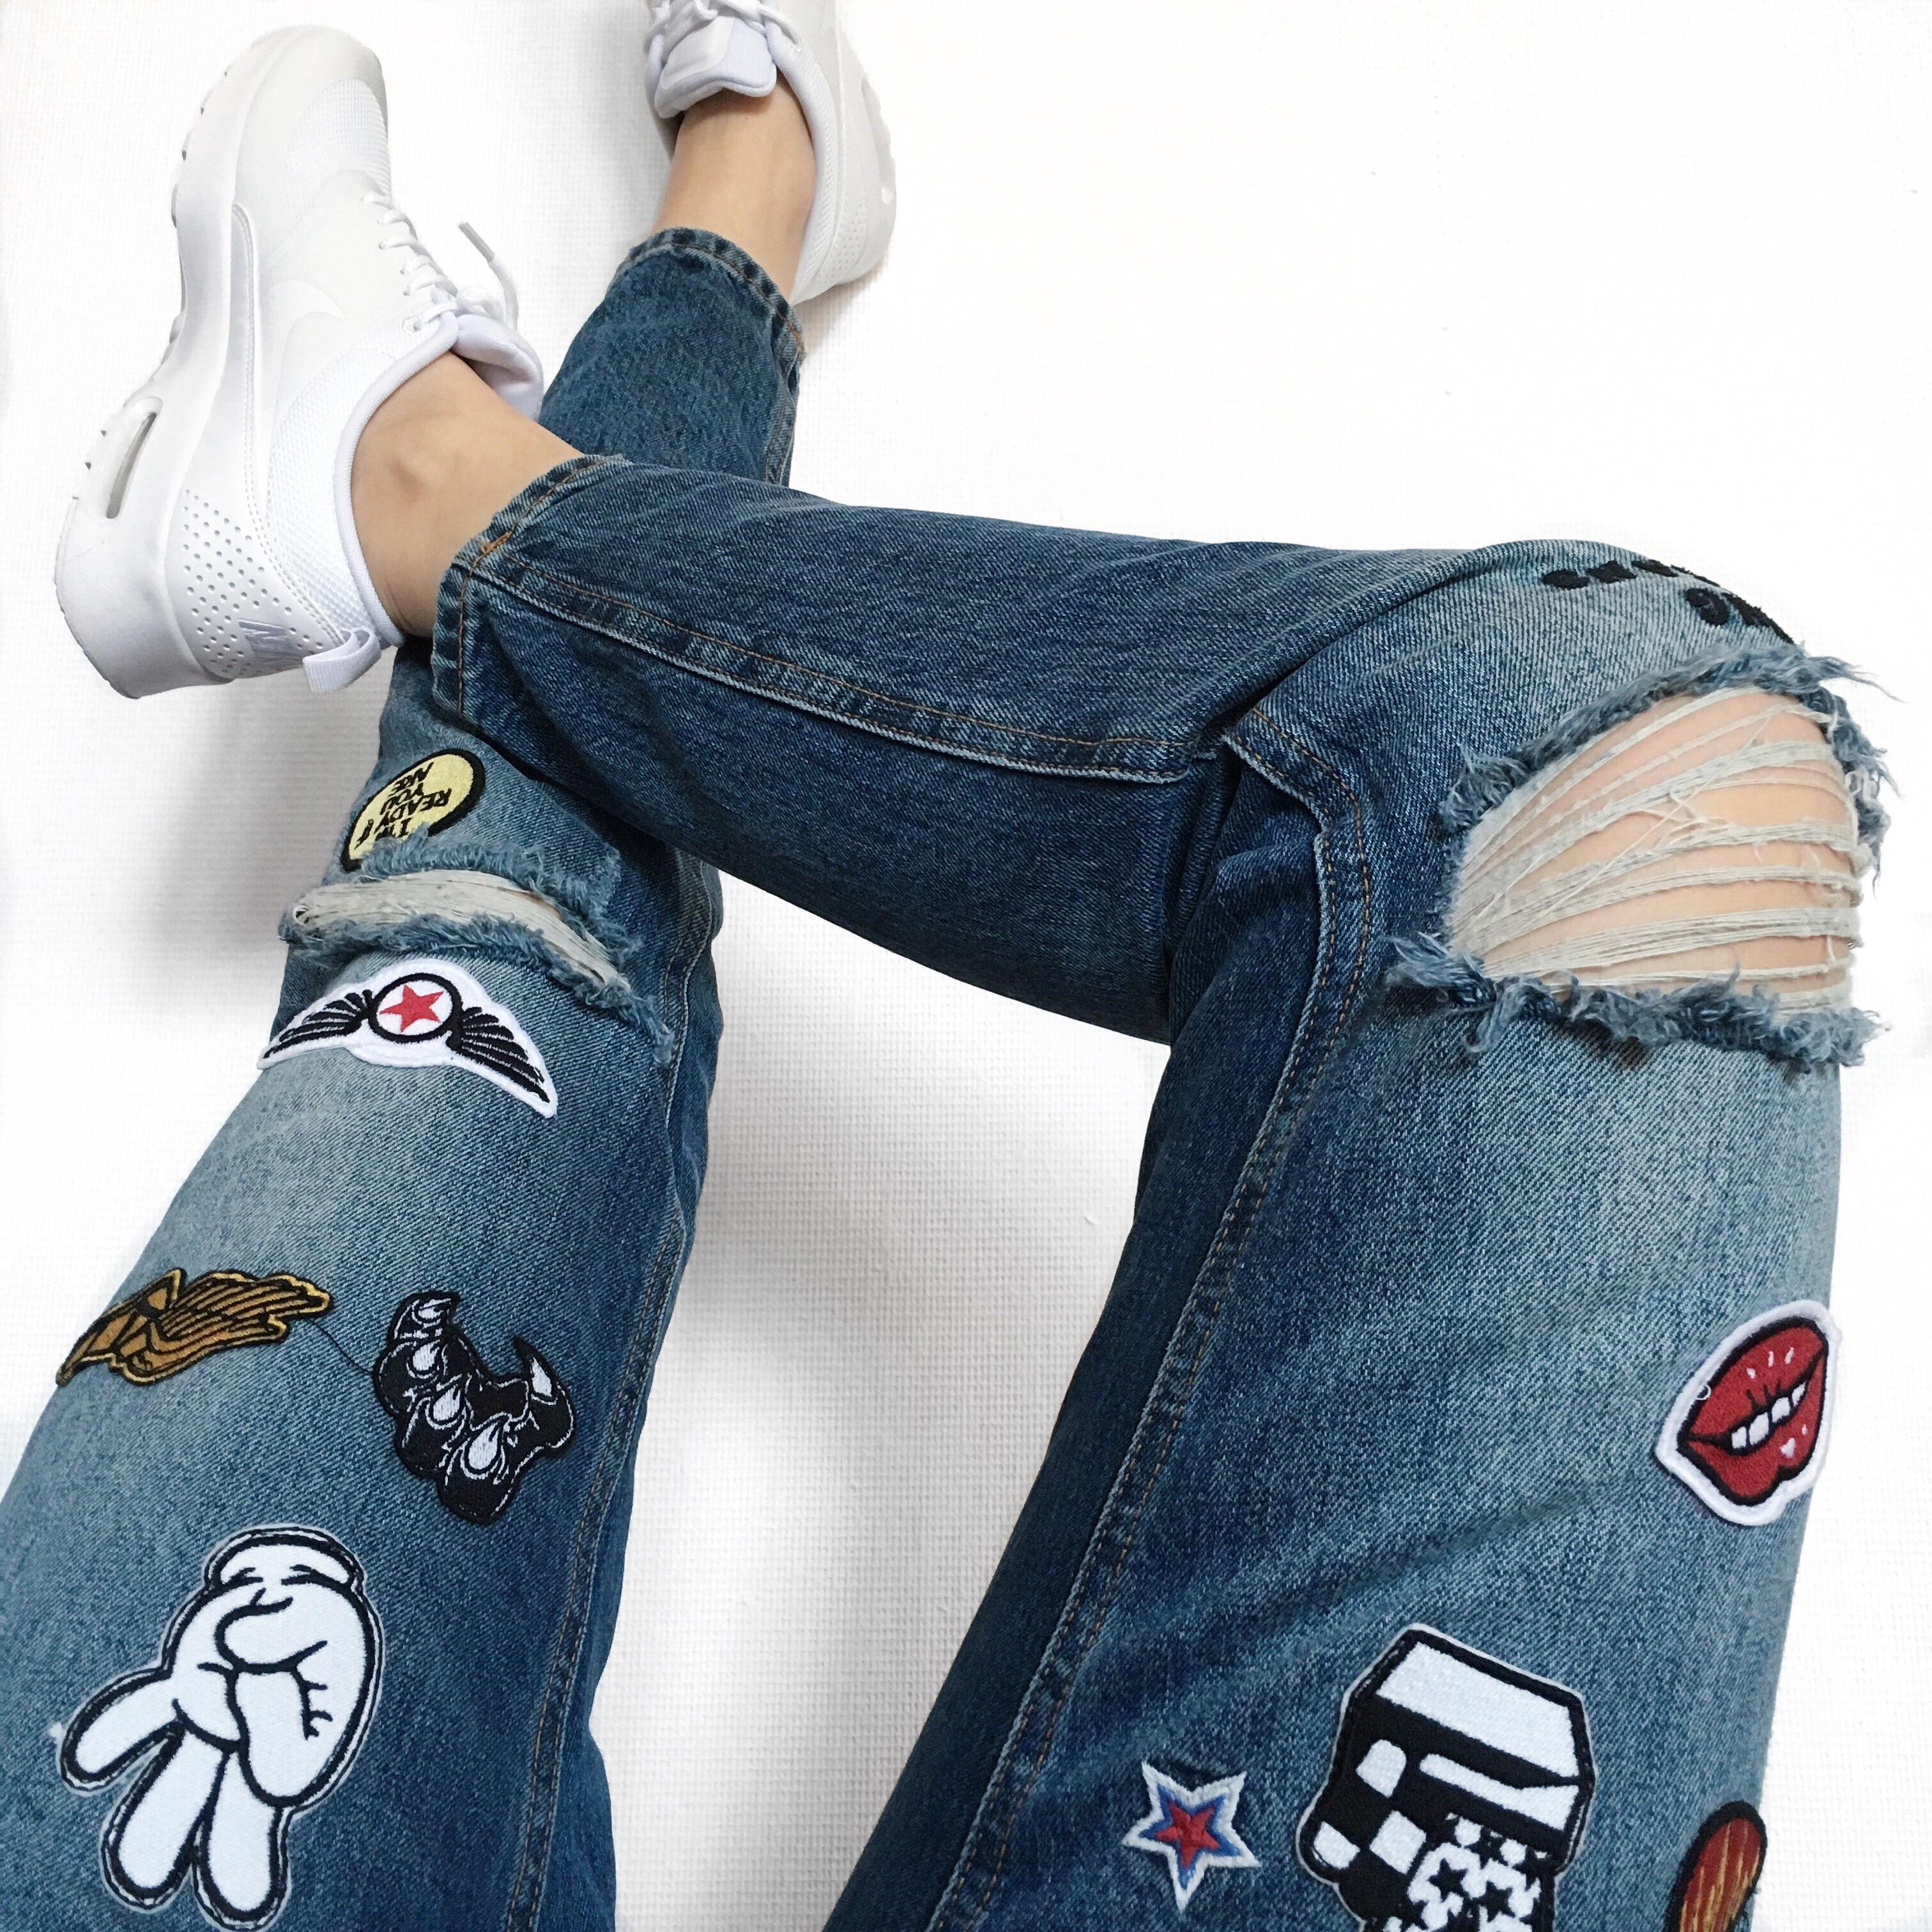 suelovesnyc warum ihr jetzt unbedingt eine patch jeans braucht suelovesnyc. Black Bedroom Furniture Sets. Home Design Ideas